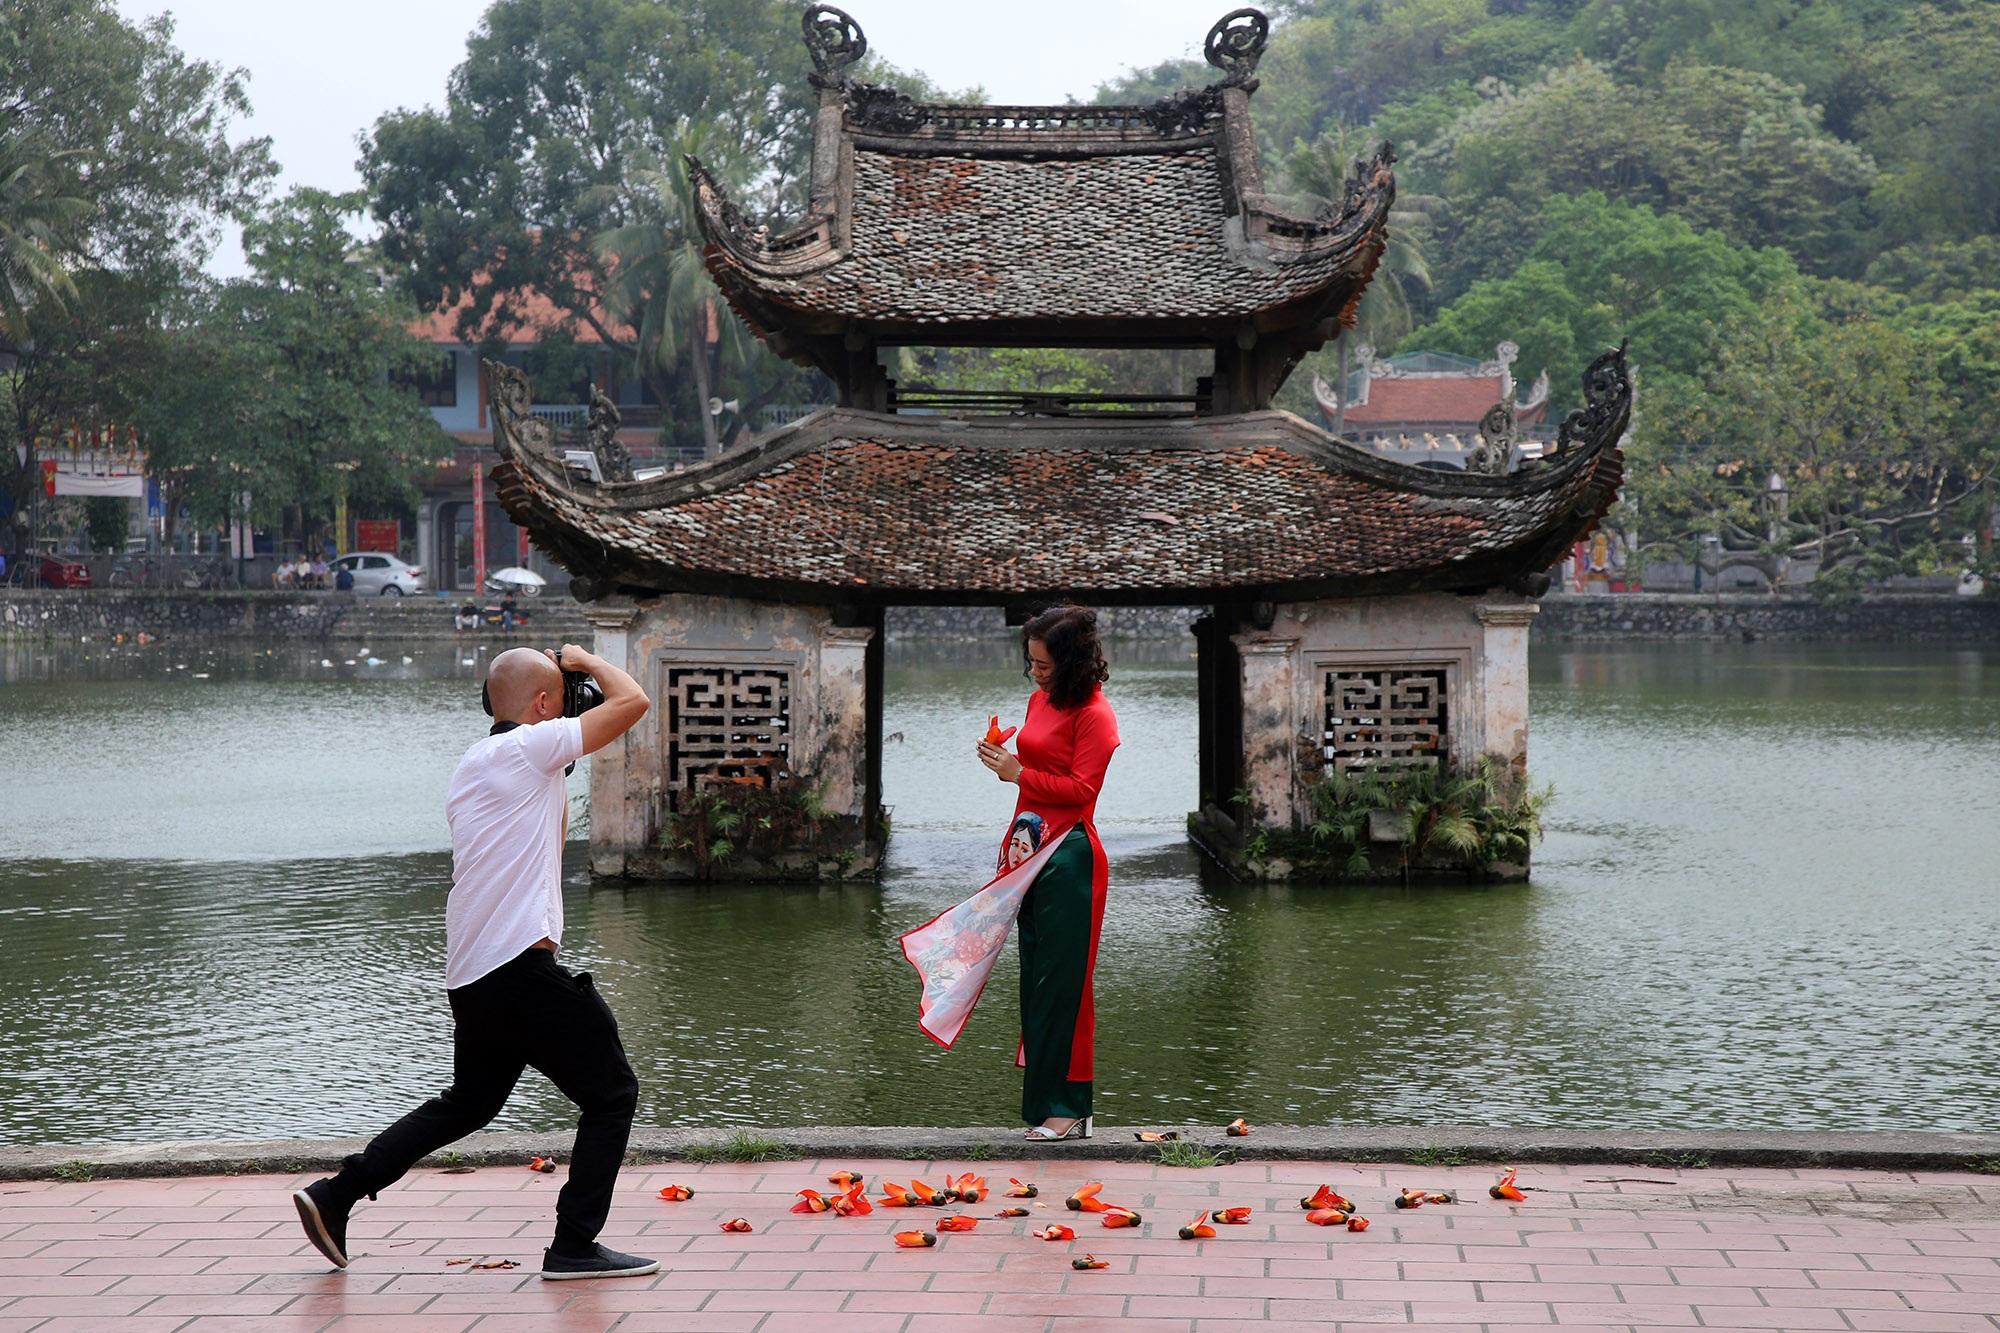 Hoa gạo nở đẹp sâu lắng vùng ngoại thành Hà Nội - 15